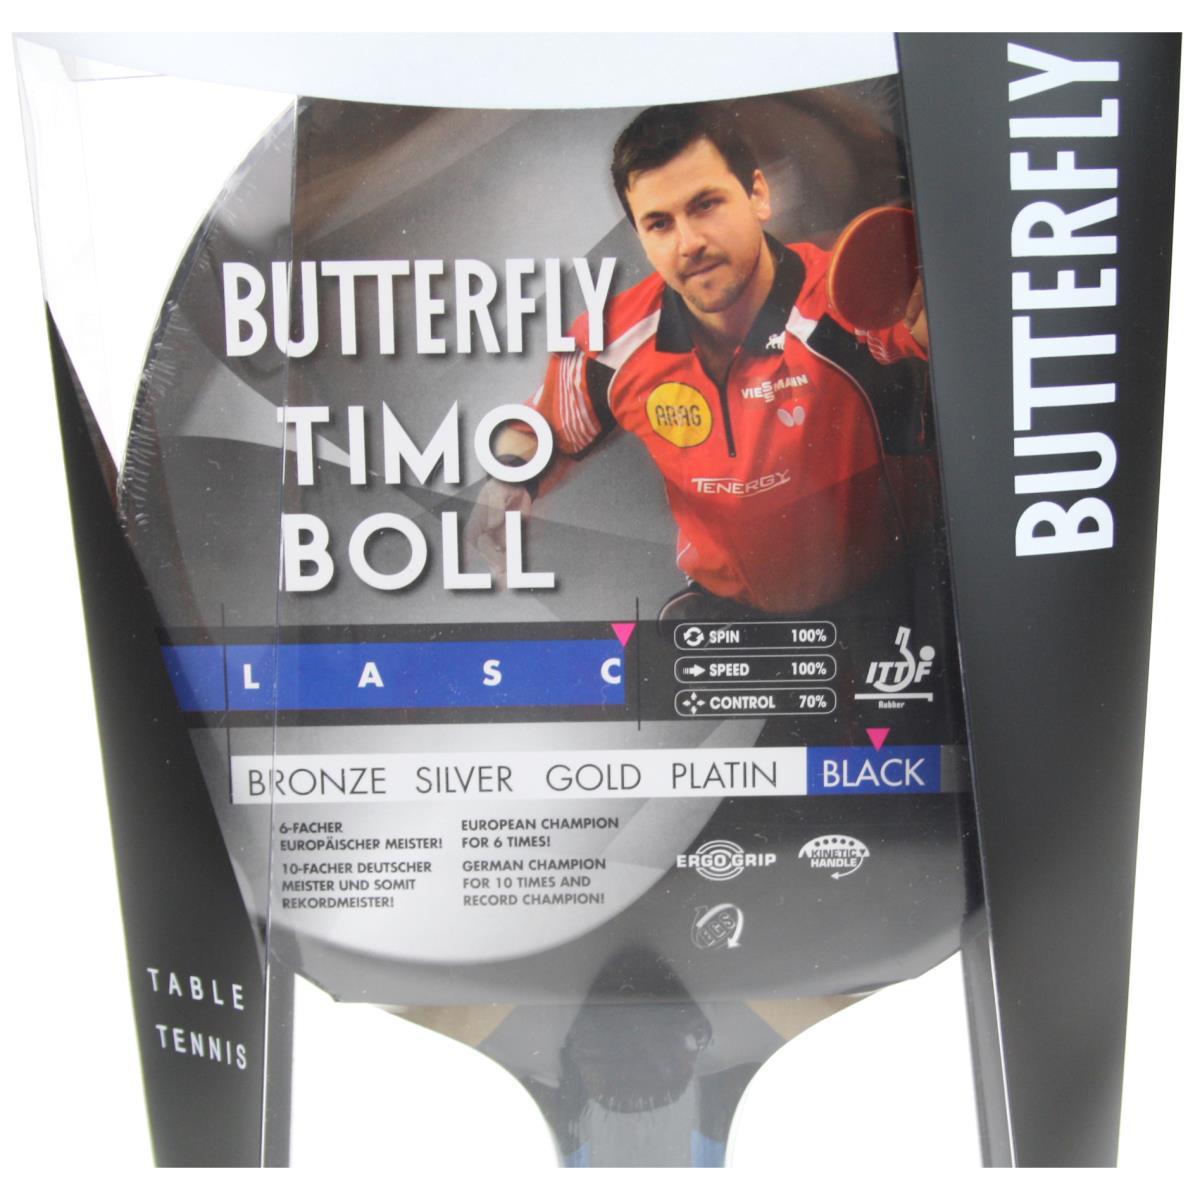 Butterfly Timo Boll Black 85031 Tischtennisschläger Profi Tischtennis TT,Butterfly Timo Boll,000051368879, 4001078850319